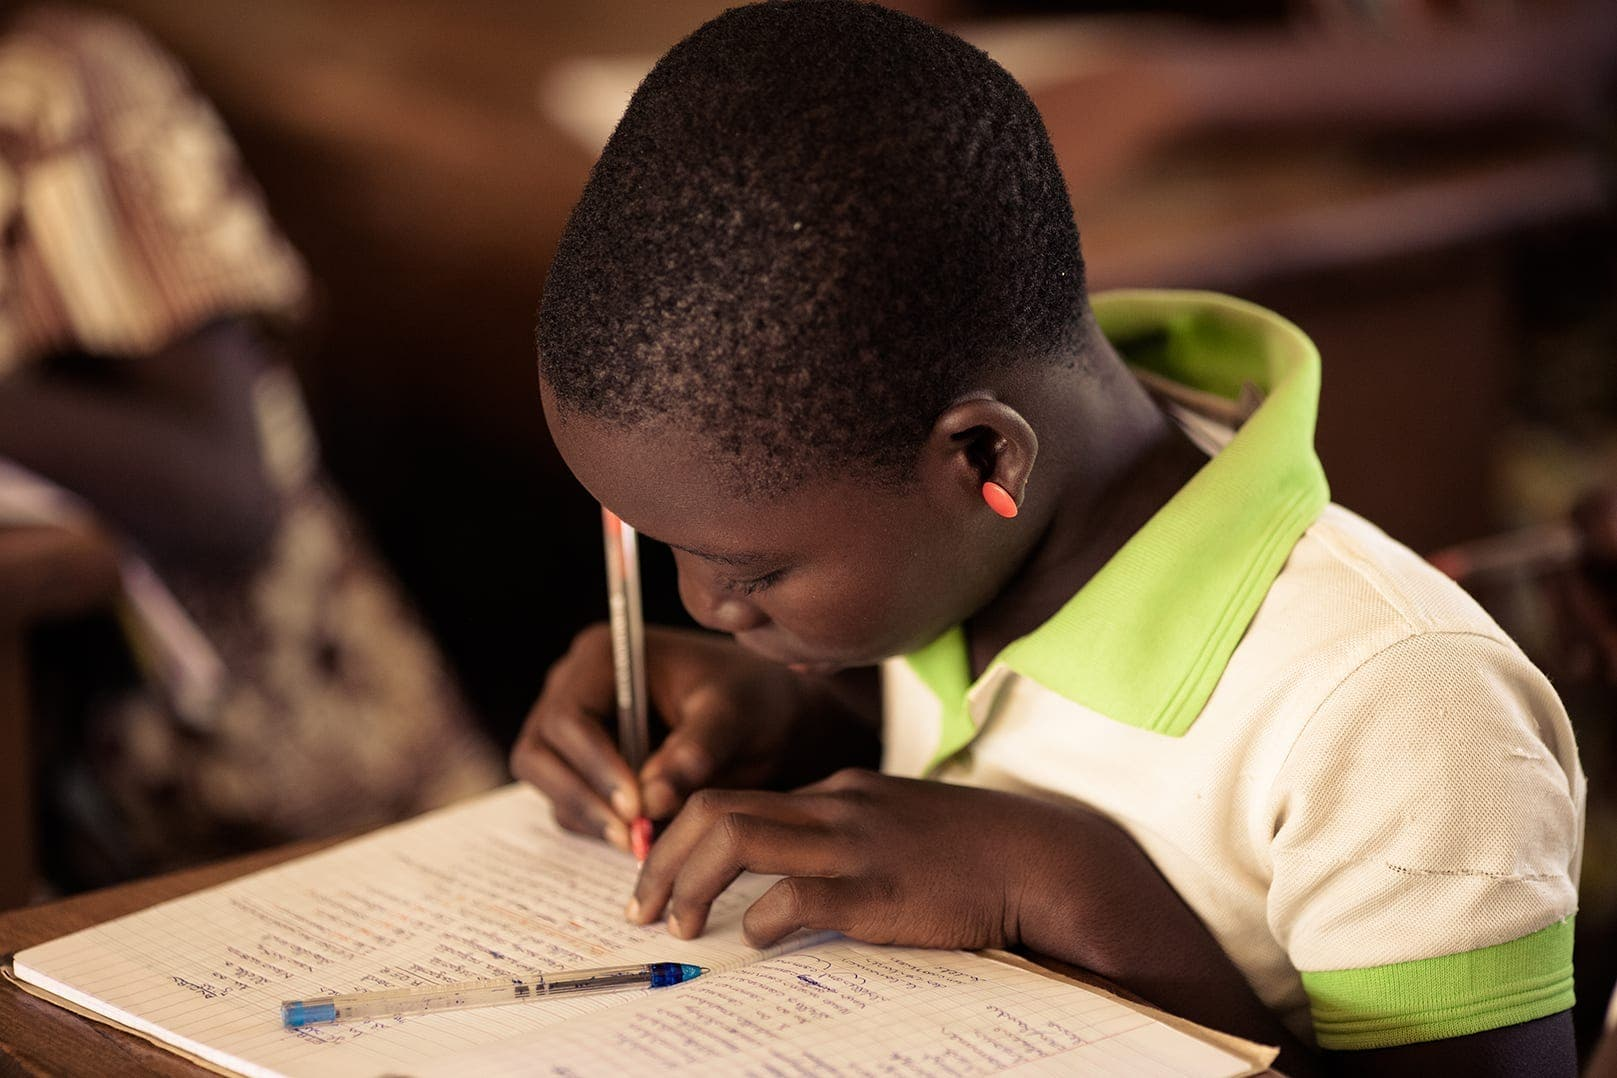 Côte d'Ivoire: 46 % des enseignants ont des échanges sexuels avec leurs élèves